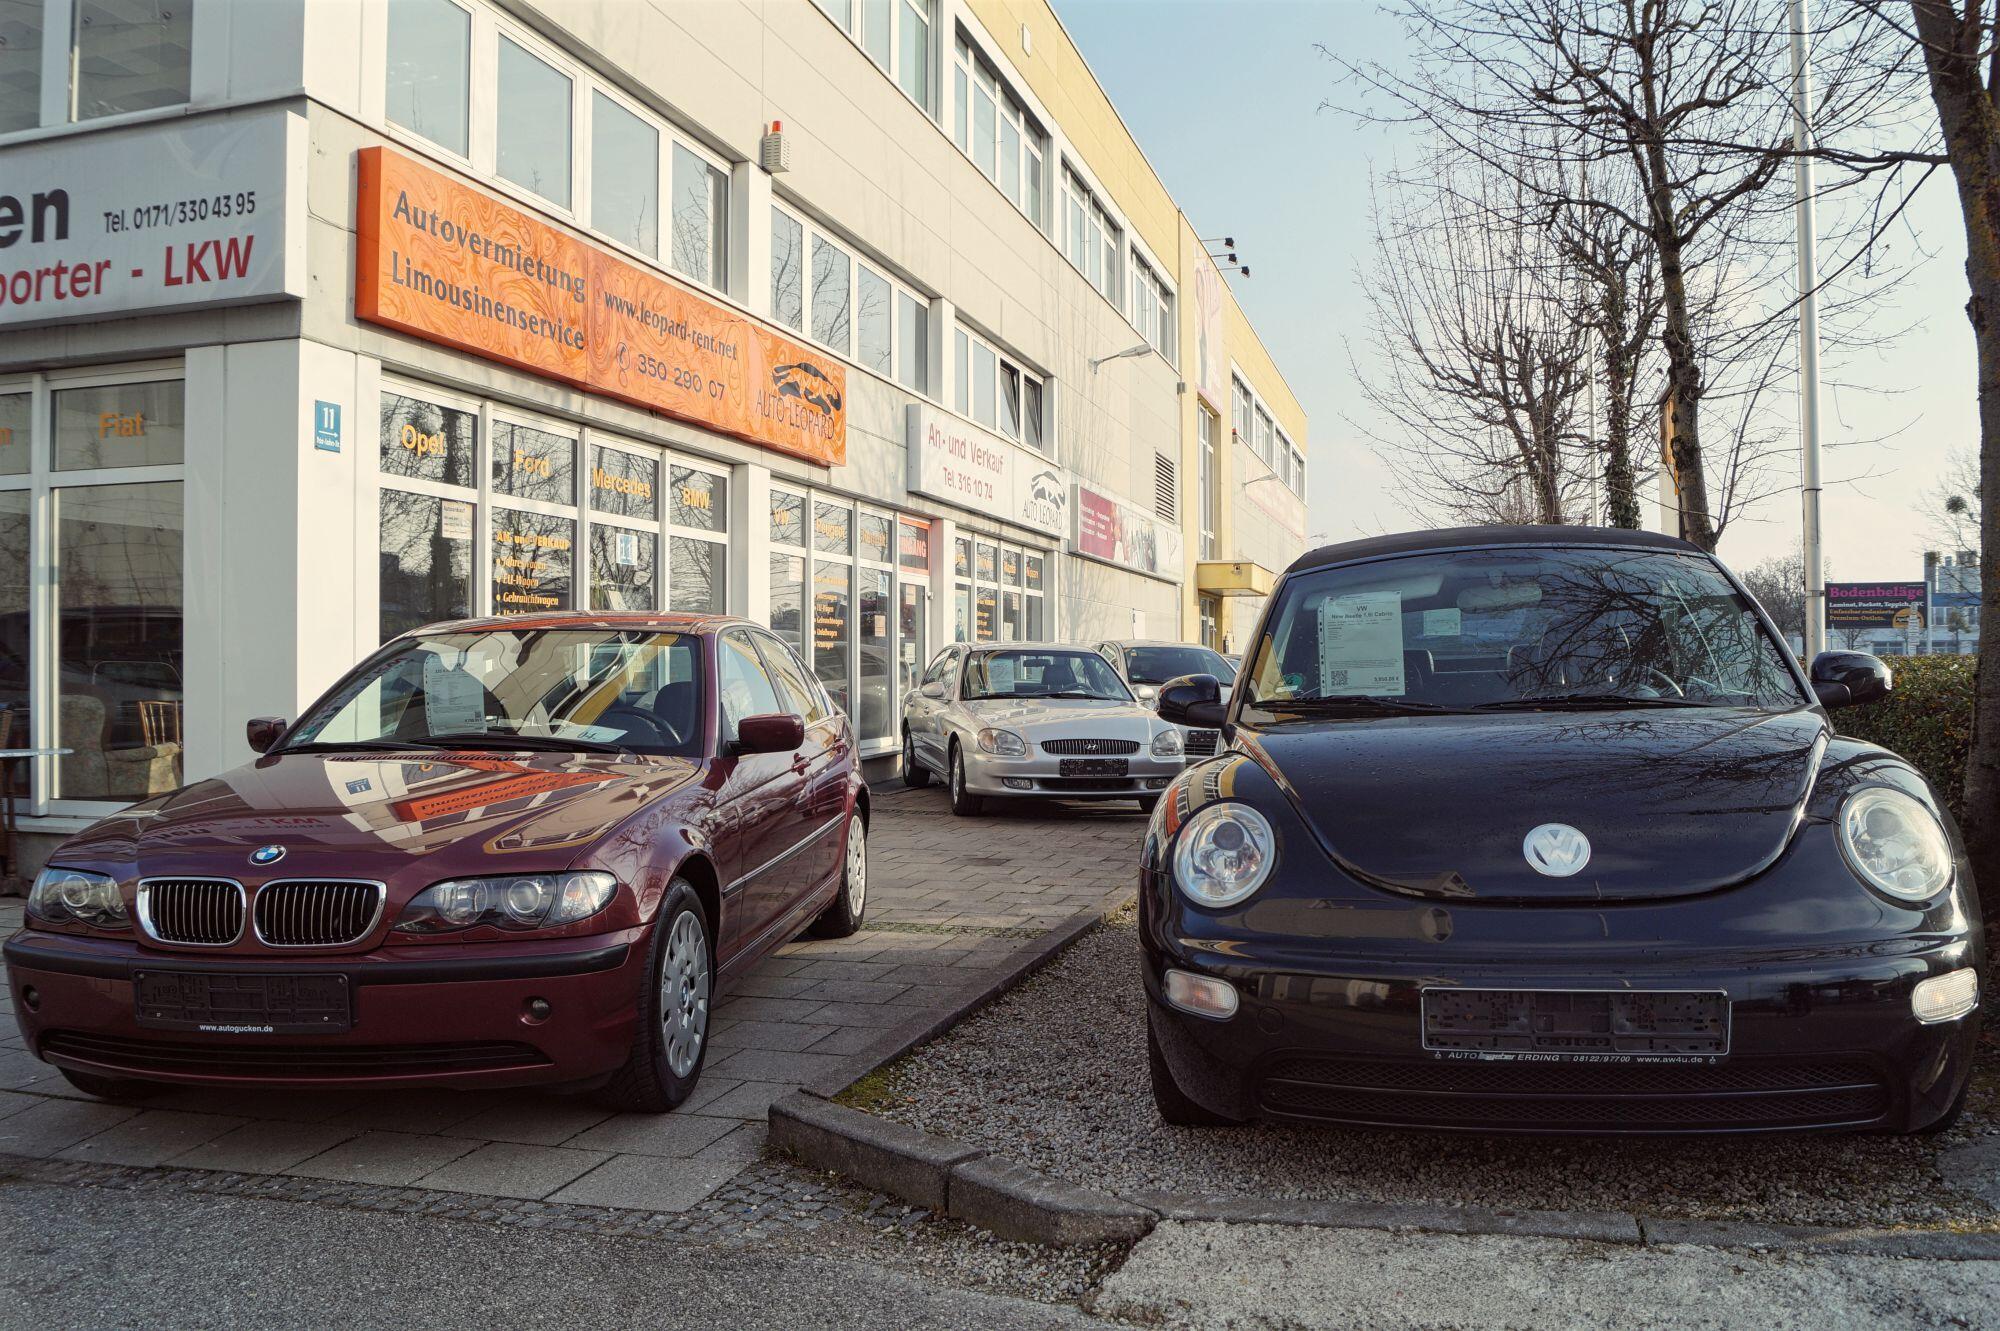 autoleopard-auto-verkaufen-muenchen